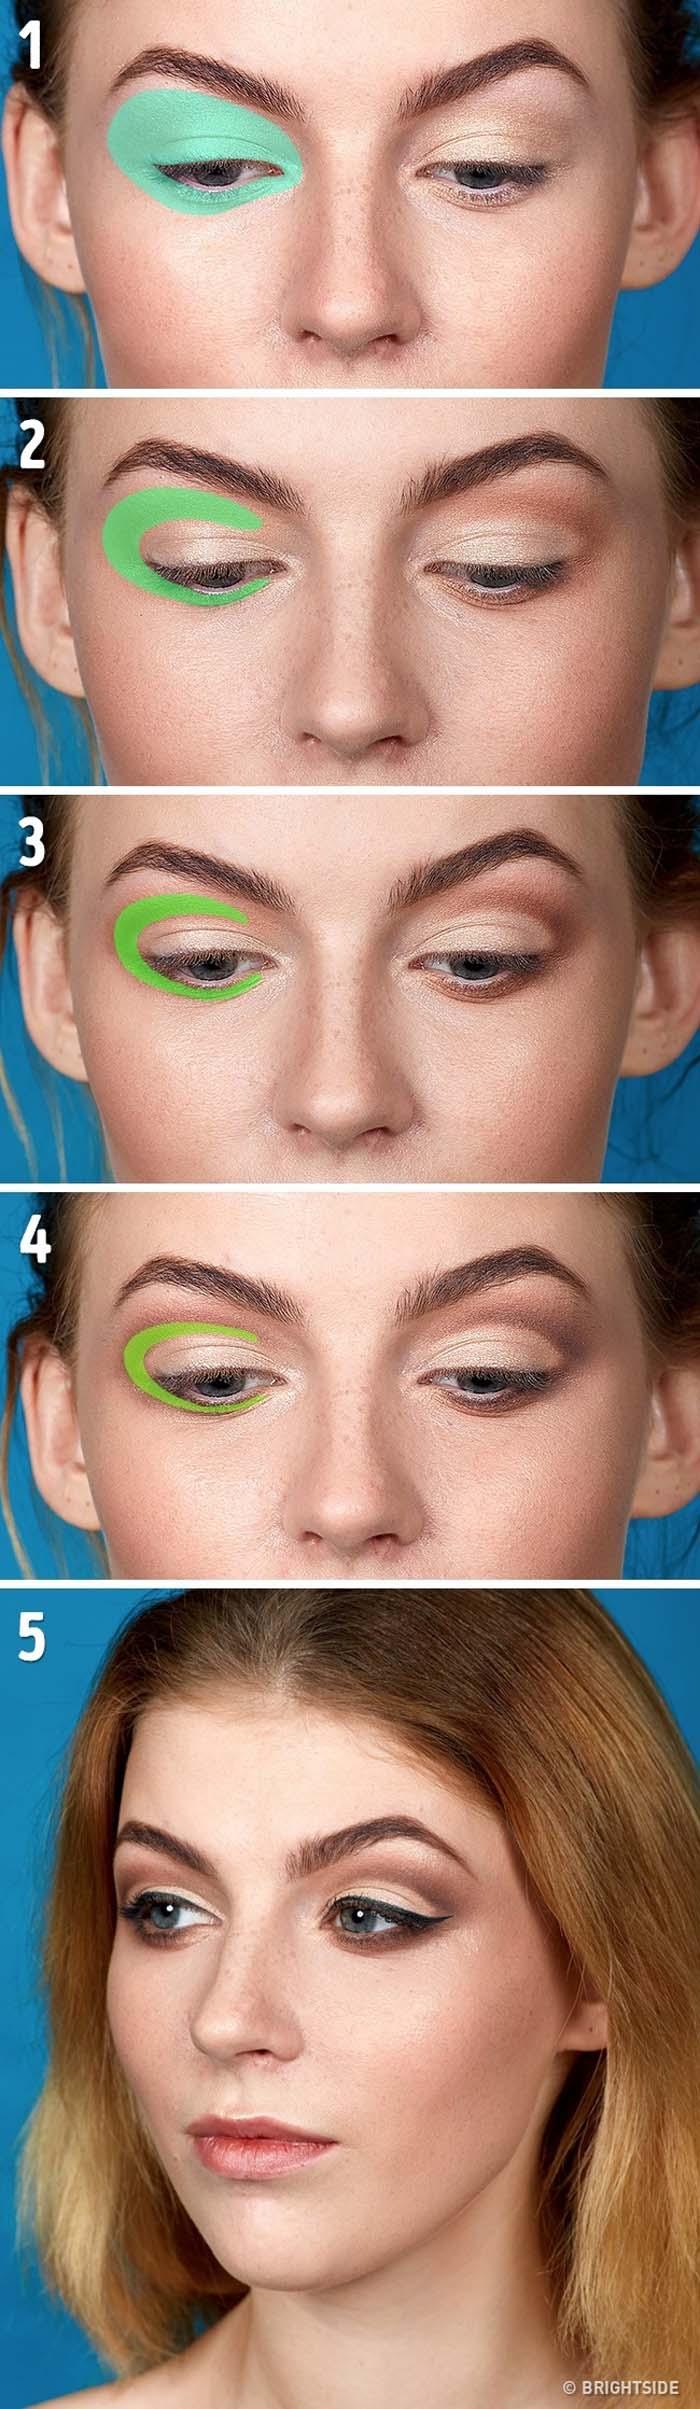 Βασικές τεχνικές στο μακιγιάζ που κάθε γυναίκα πρέπει να γνωρίζει (3)